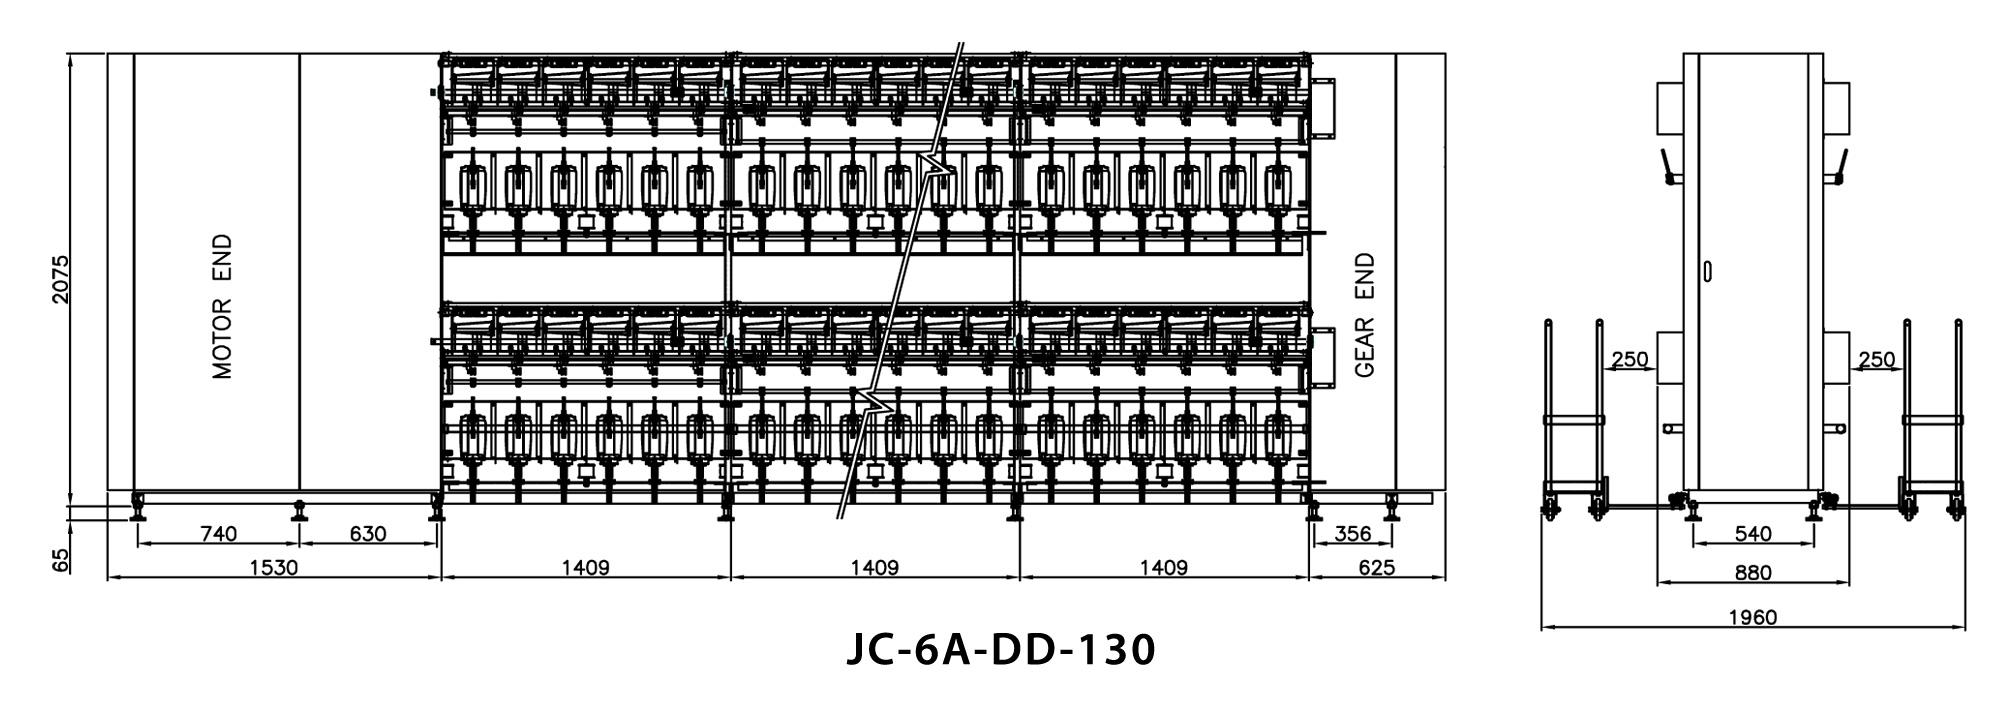 Double Deck Advanced Cotton / Spun Yarn TFO Machine Dimensions